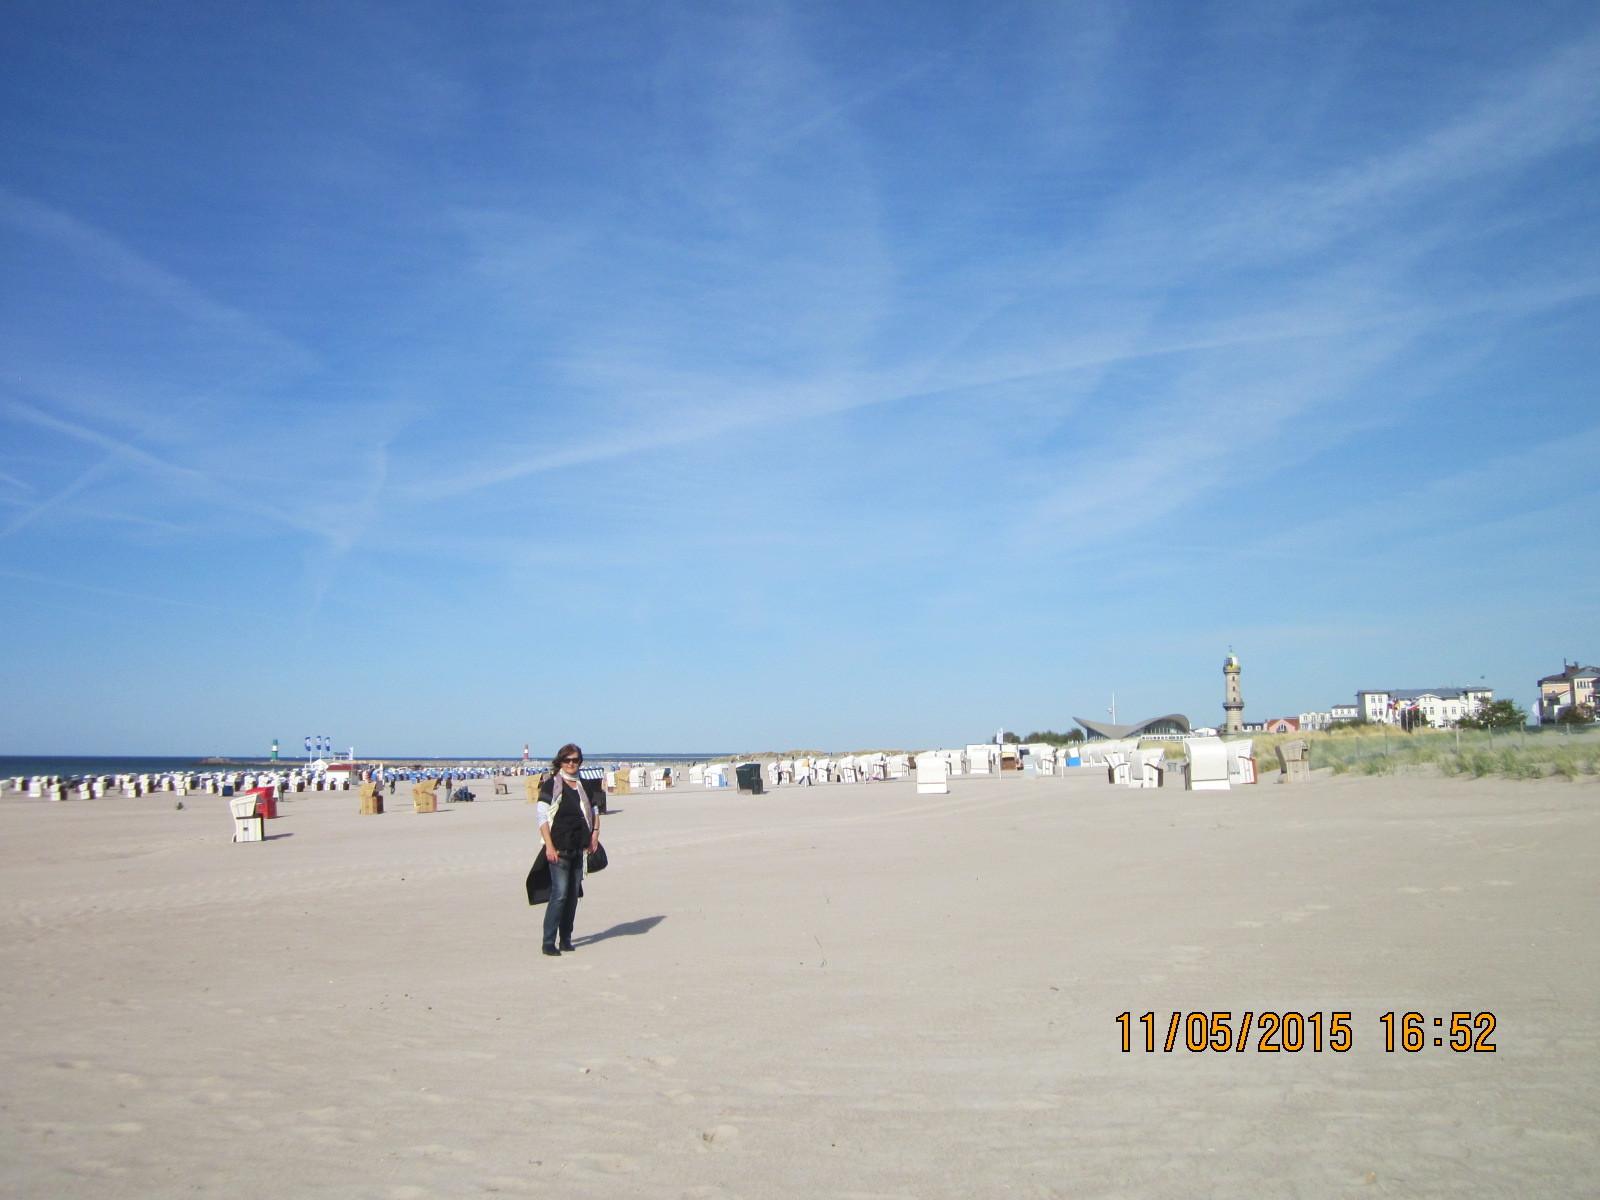 Der feine weiße Sandstrand